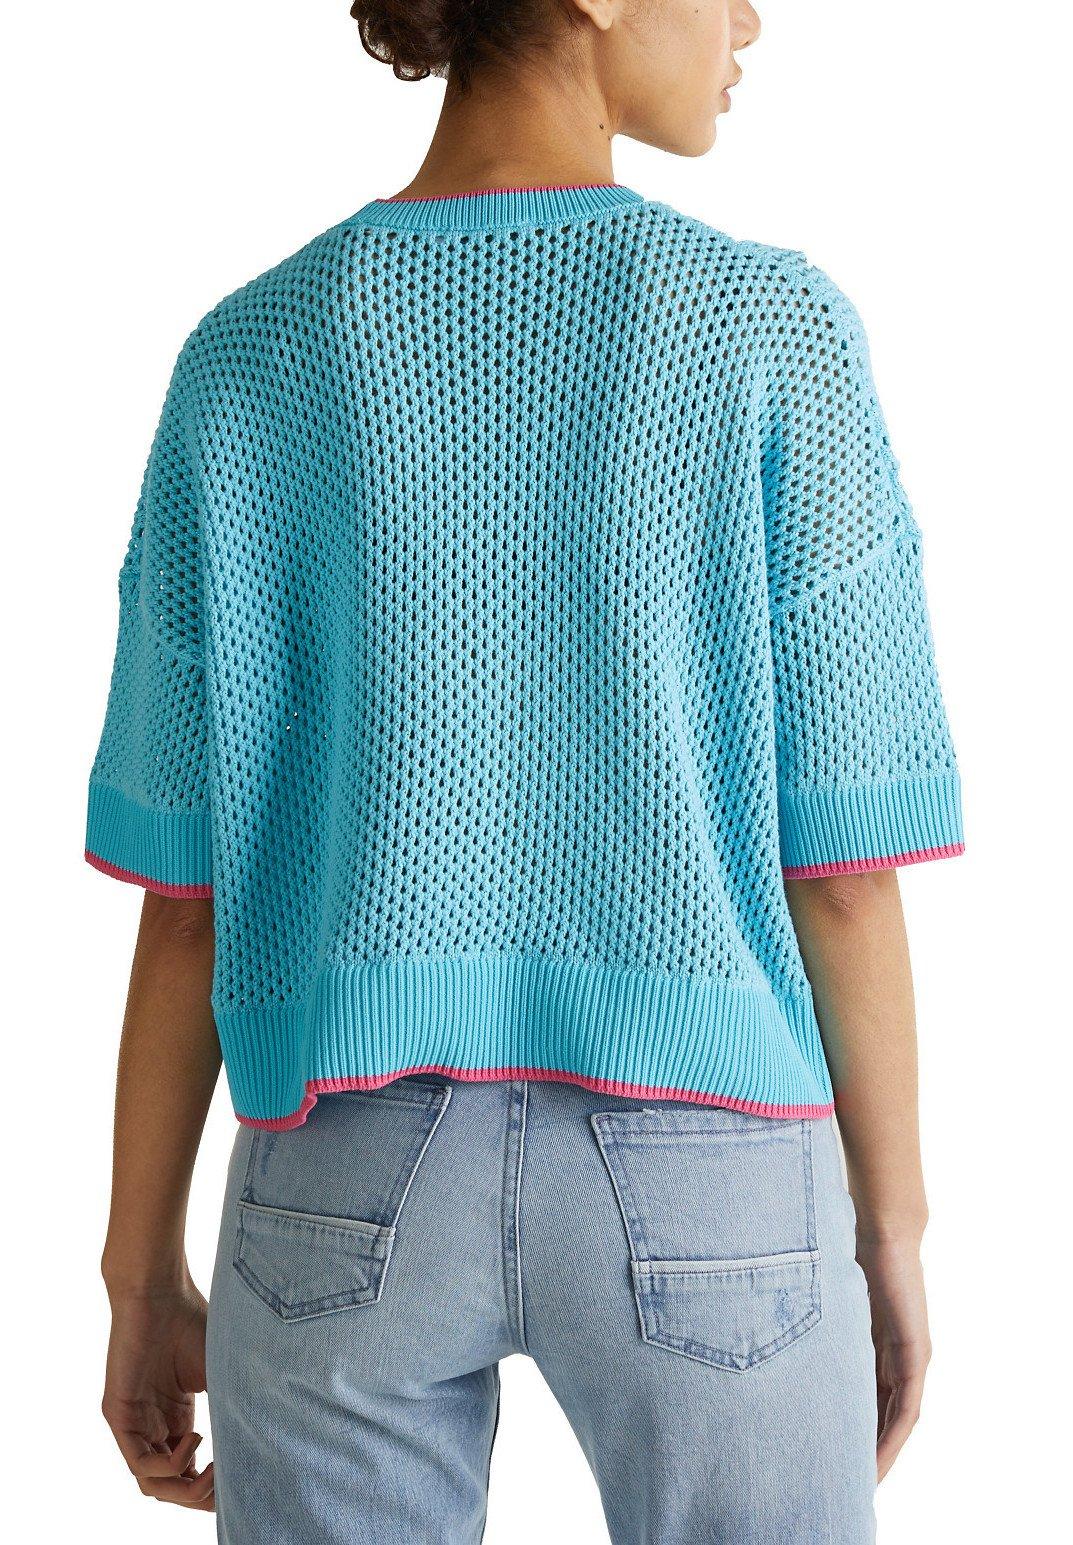 Edc By Esprit Short Mesh Sweater - T-shirt Imprimé Turquoise